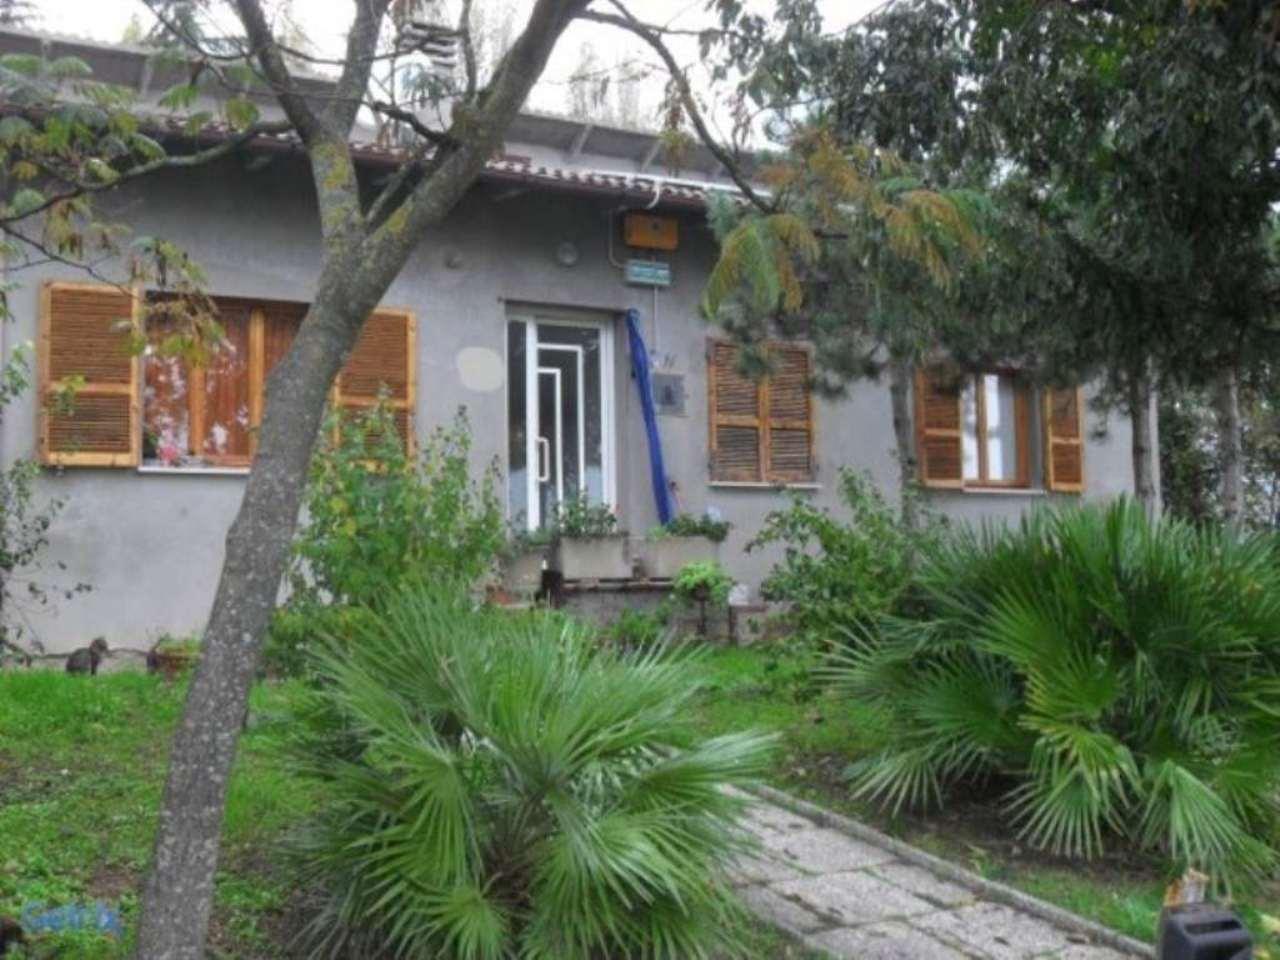 Villa in vendita a Rimini, 6 locali, prezzo € 400.000 | Cambio Casa.it